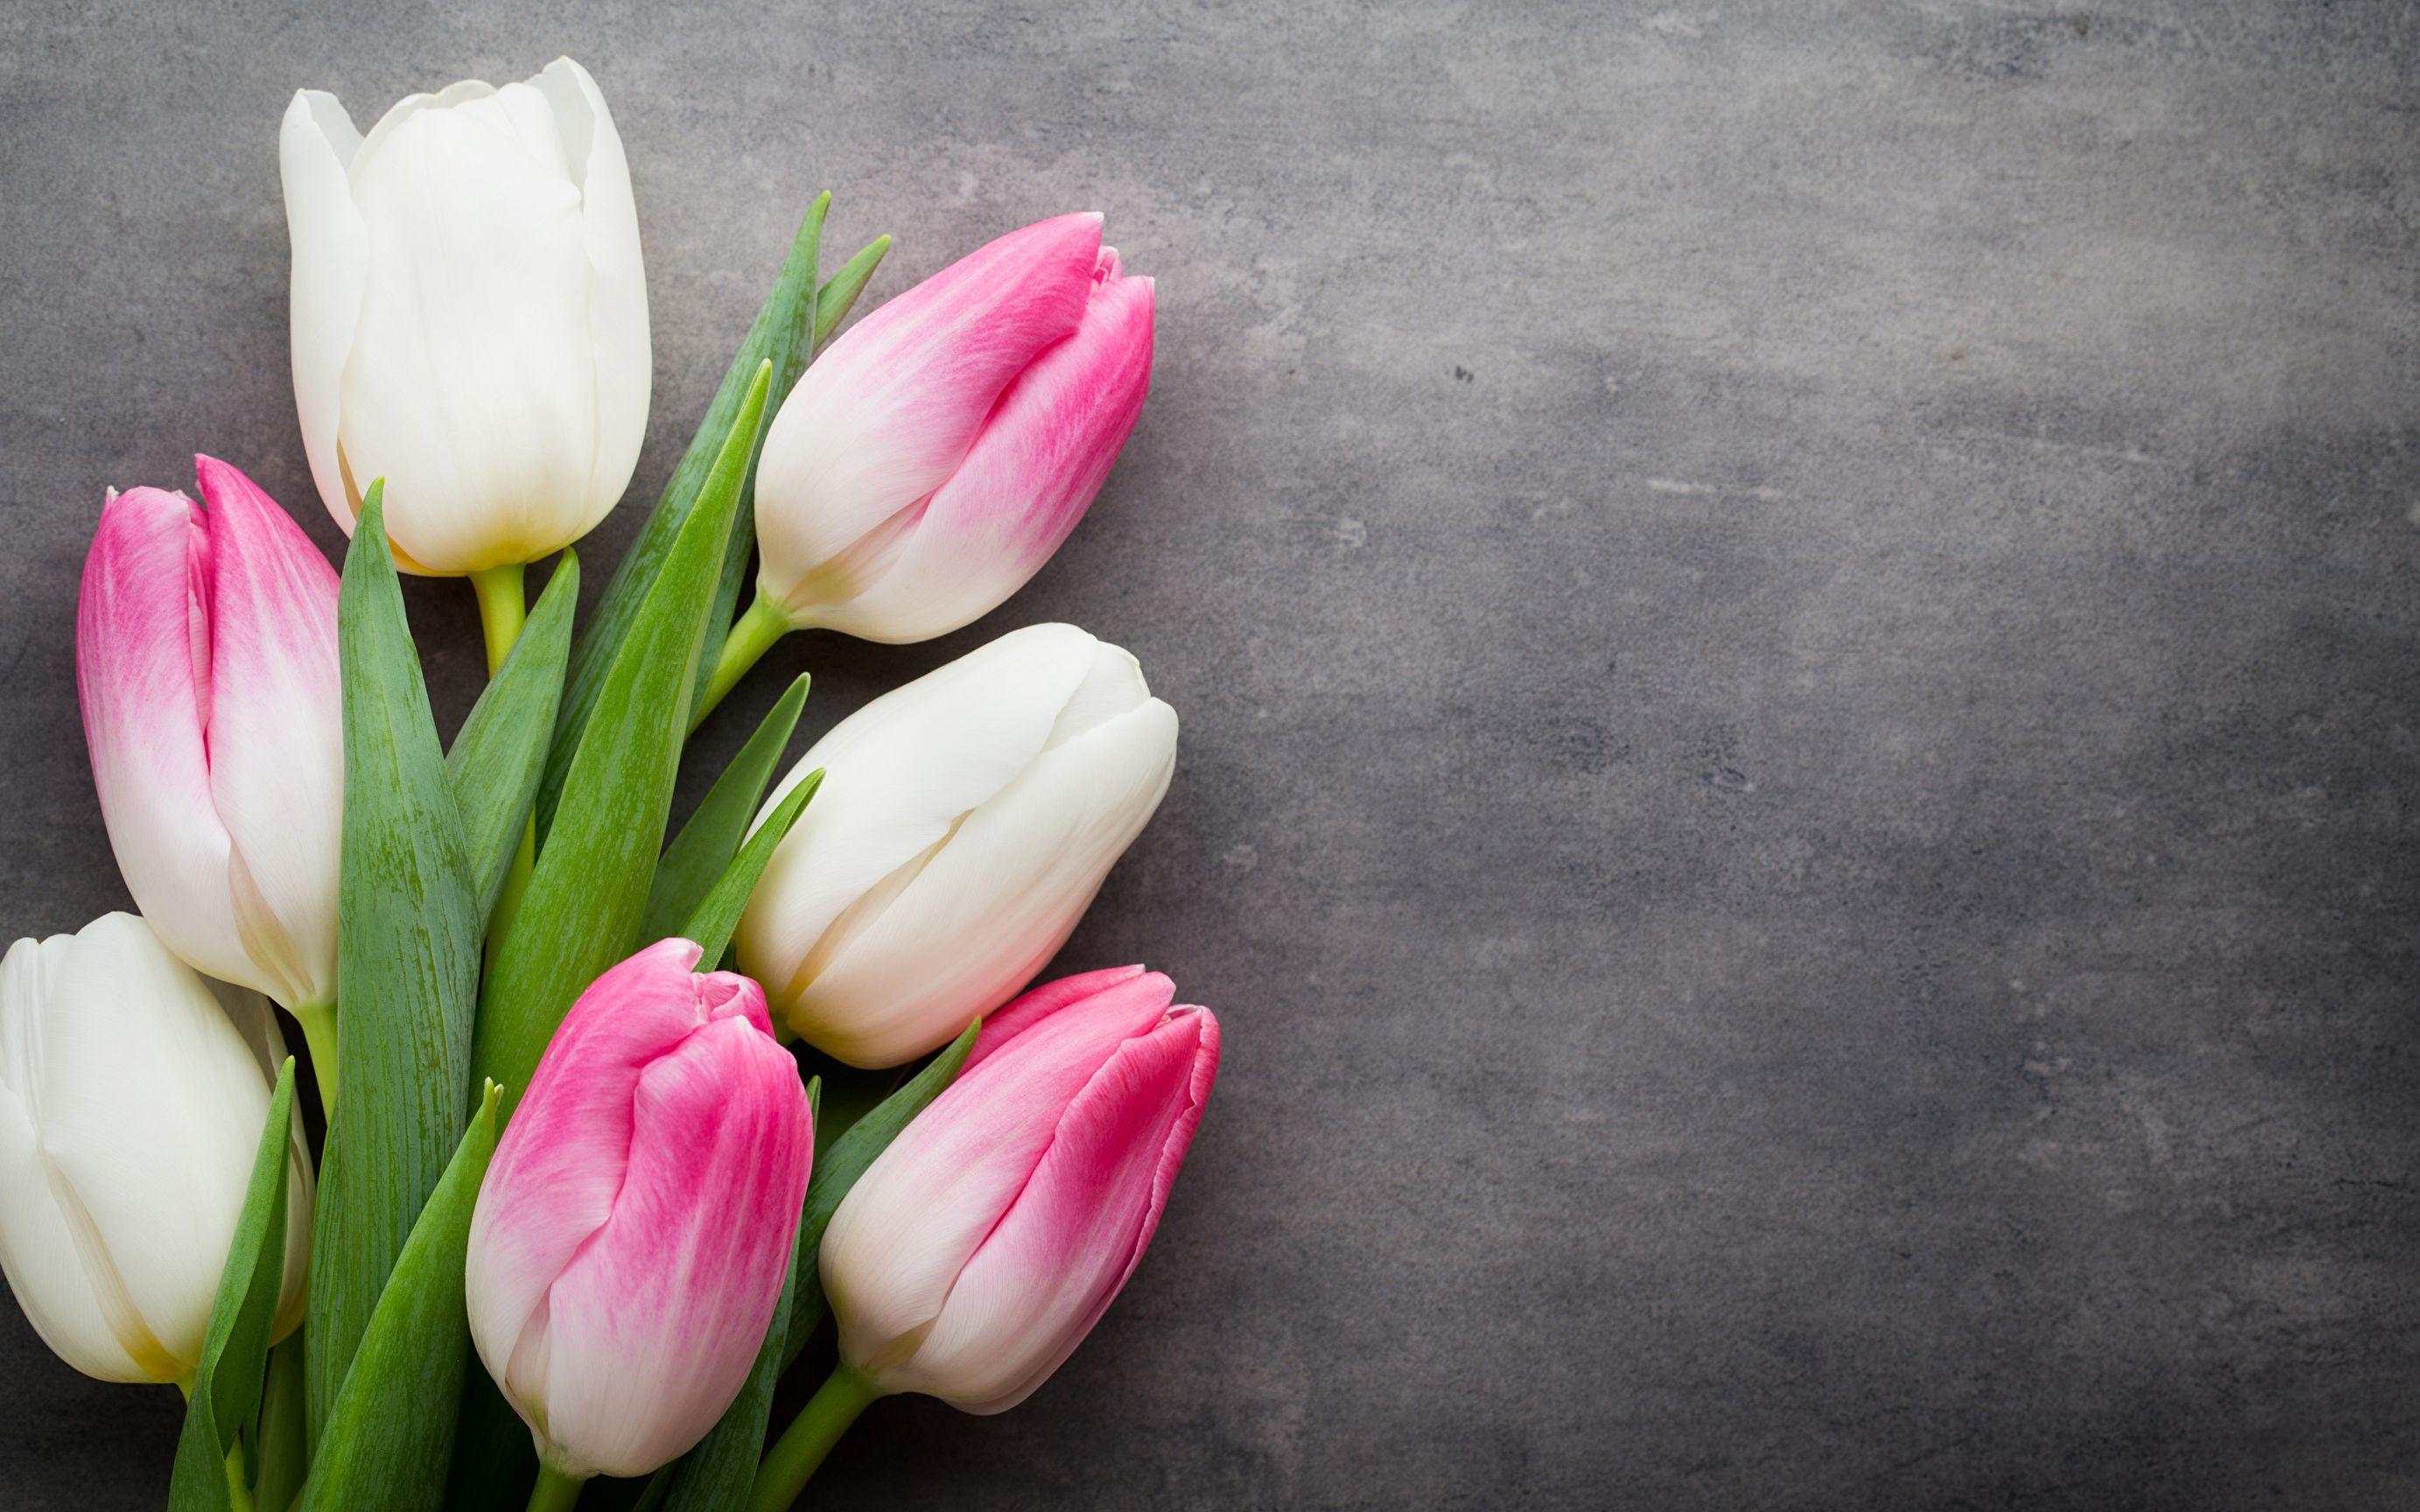 Открытки красивые цветы тюльпаны, картинка цветами музыкальные